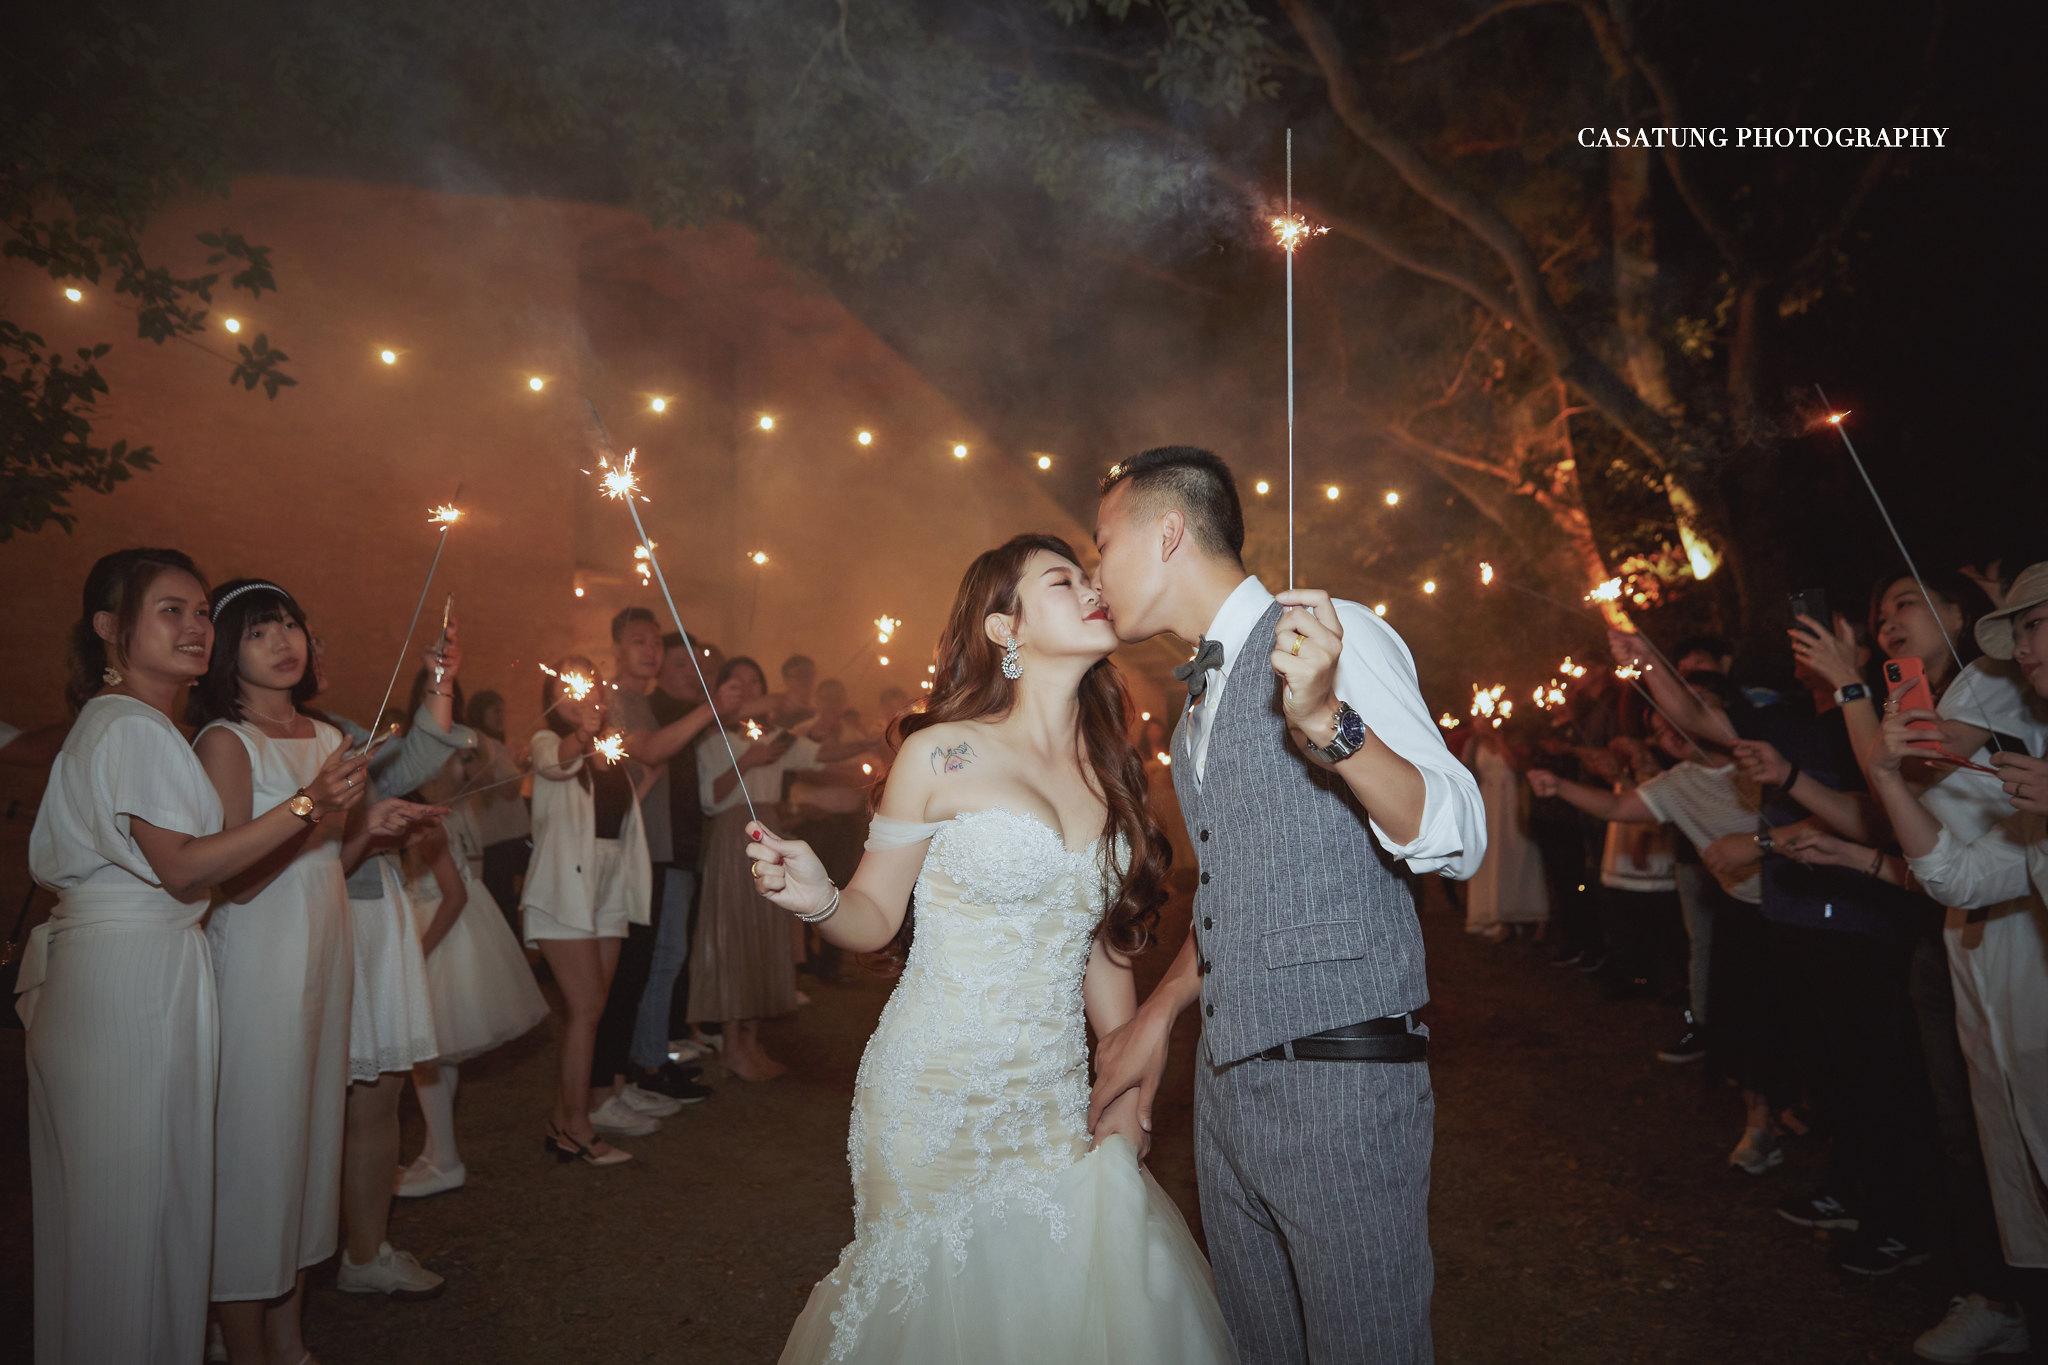 顏氏牧場婚禮,台中婚攝casa,旋轉木馬-171